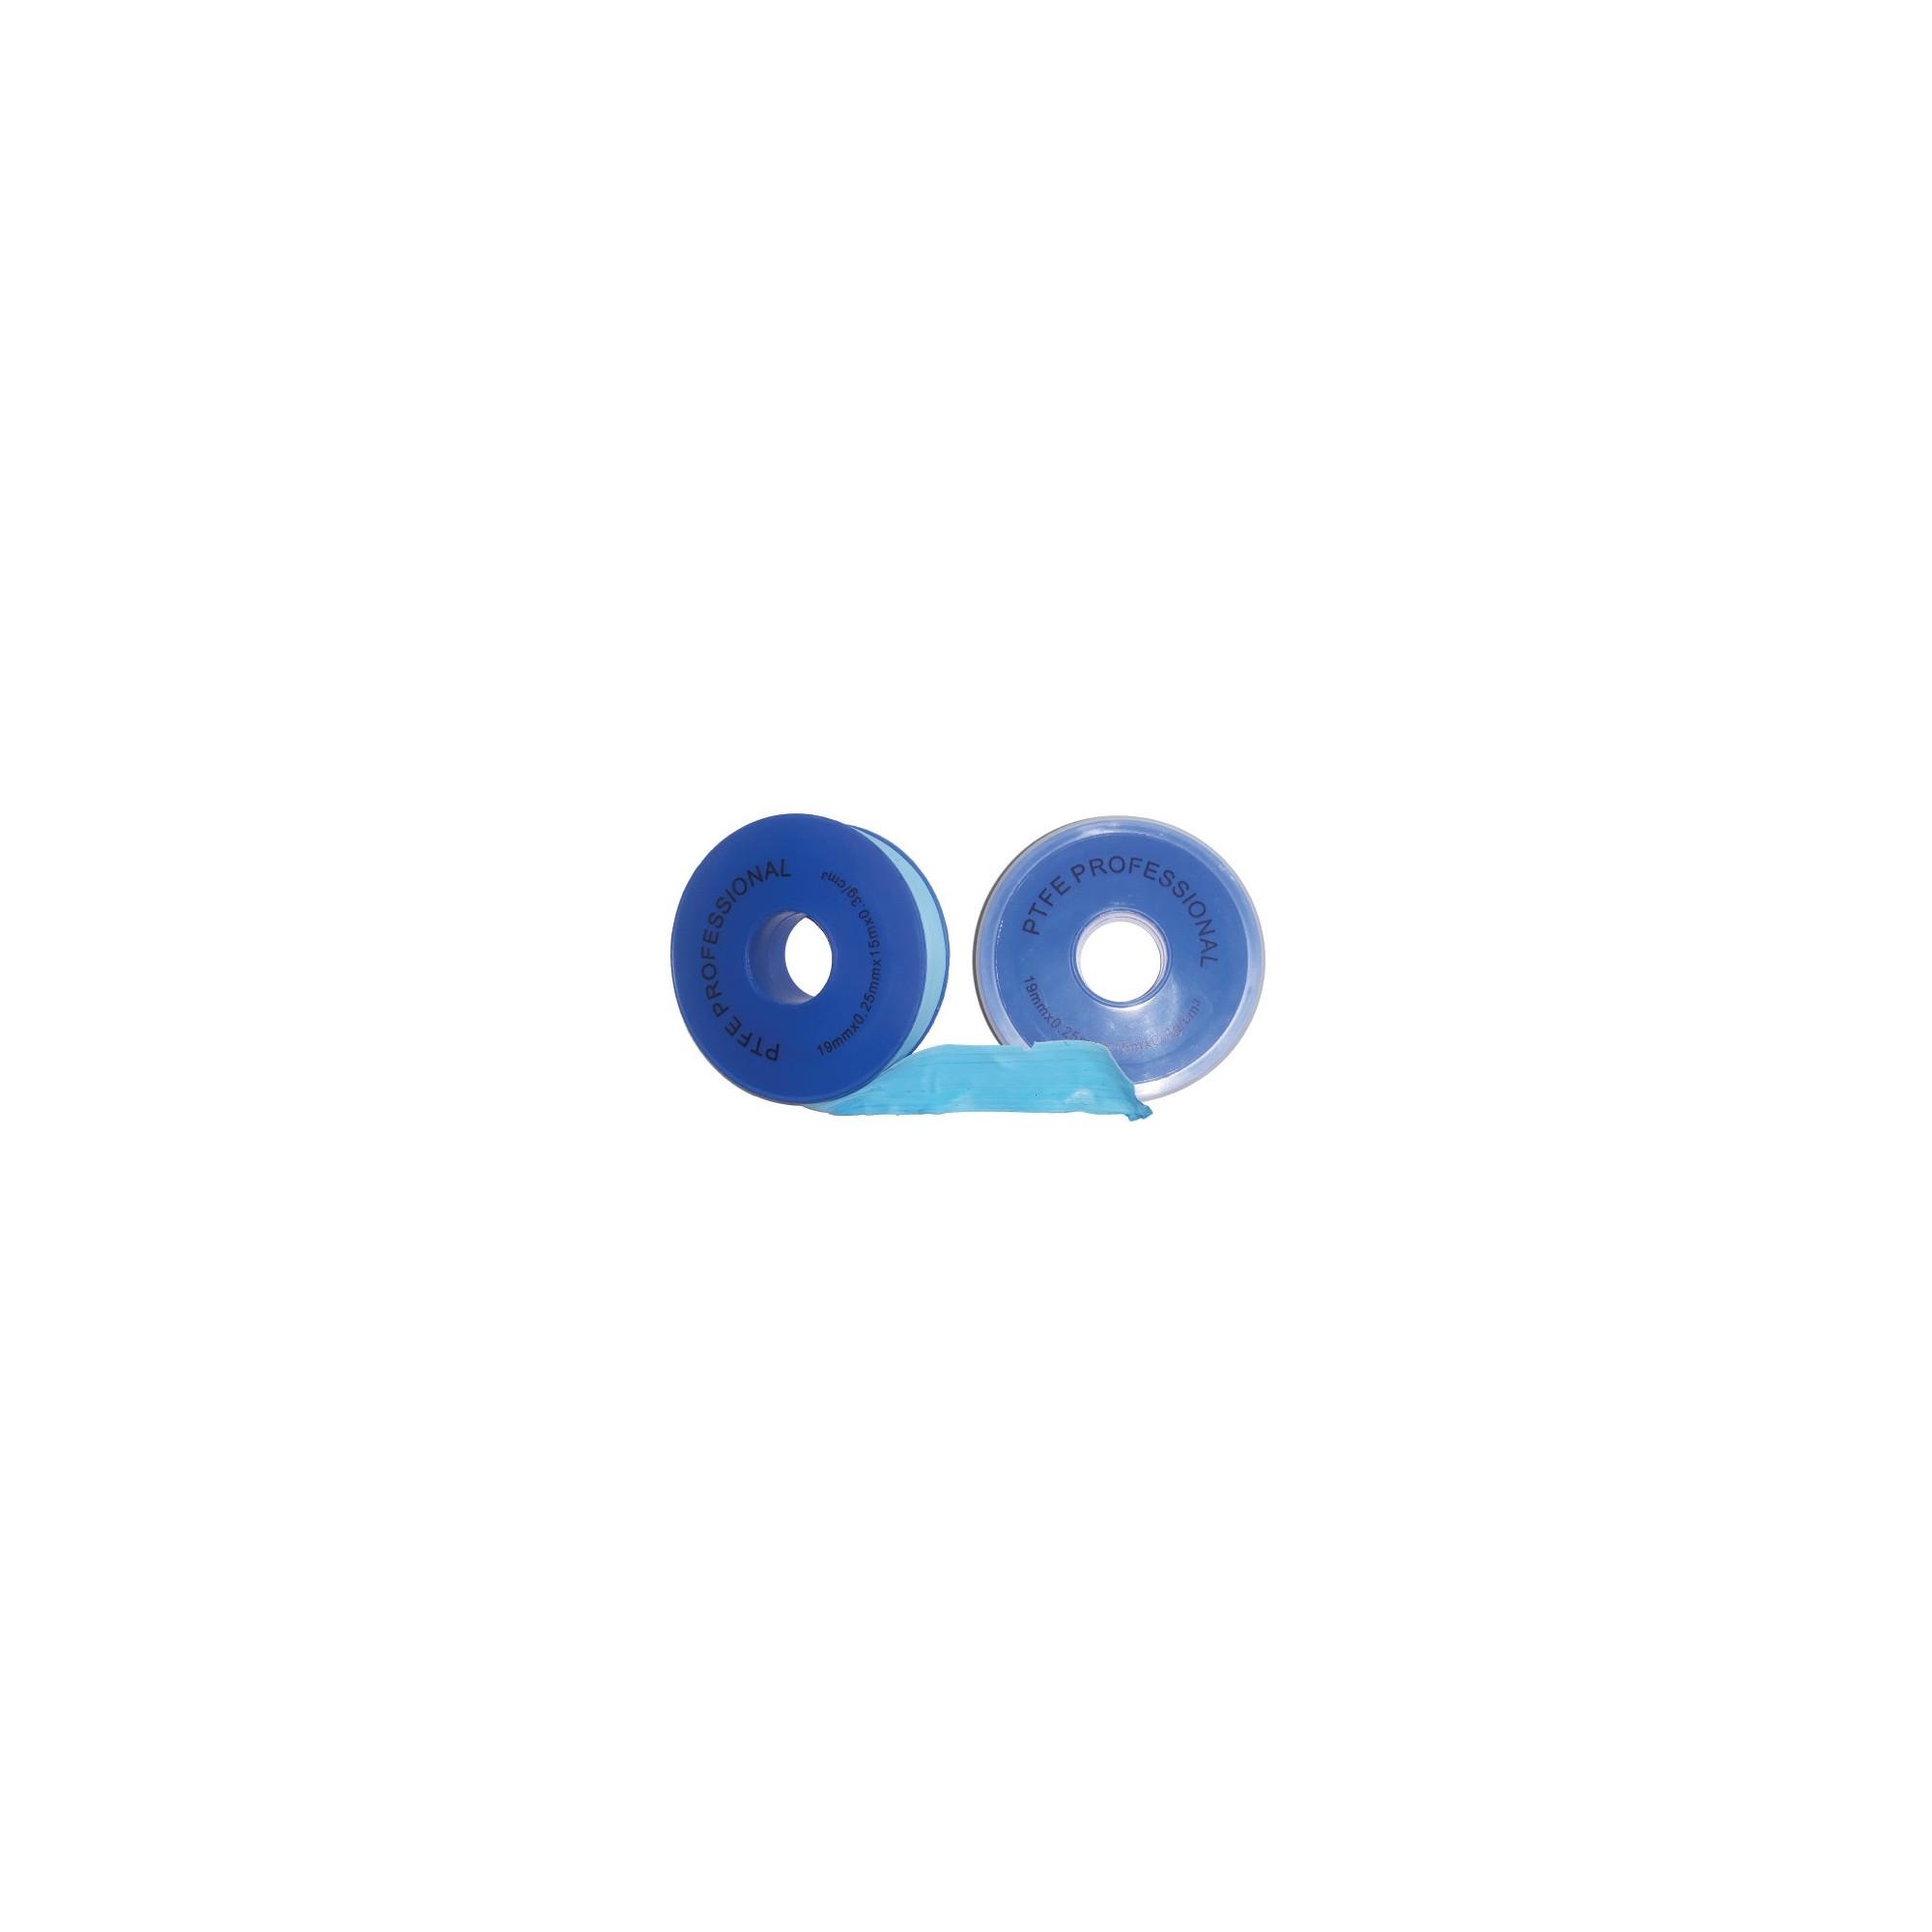 Фум лента синяя PROFI 19*0,25*15м, 0,3g*cm3 ANGO - 1